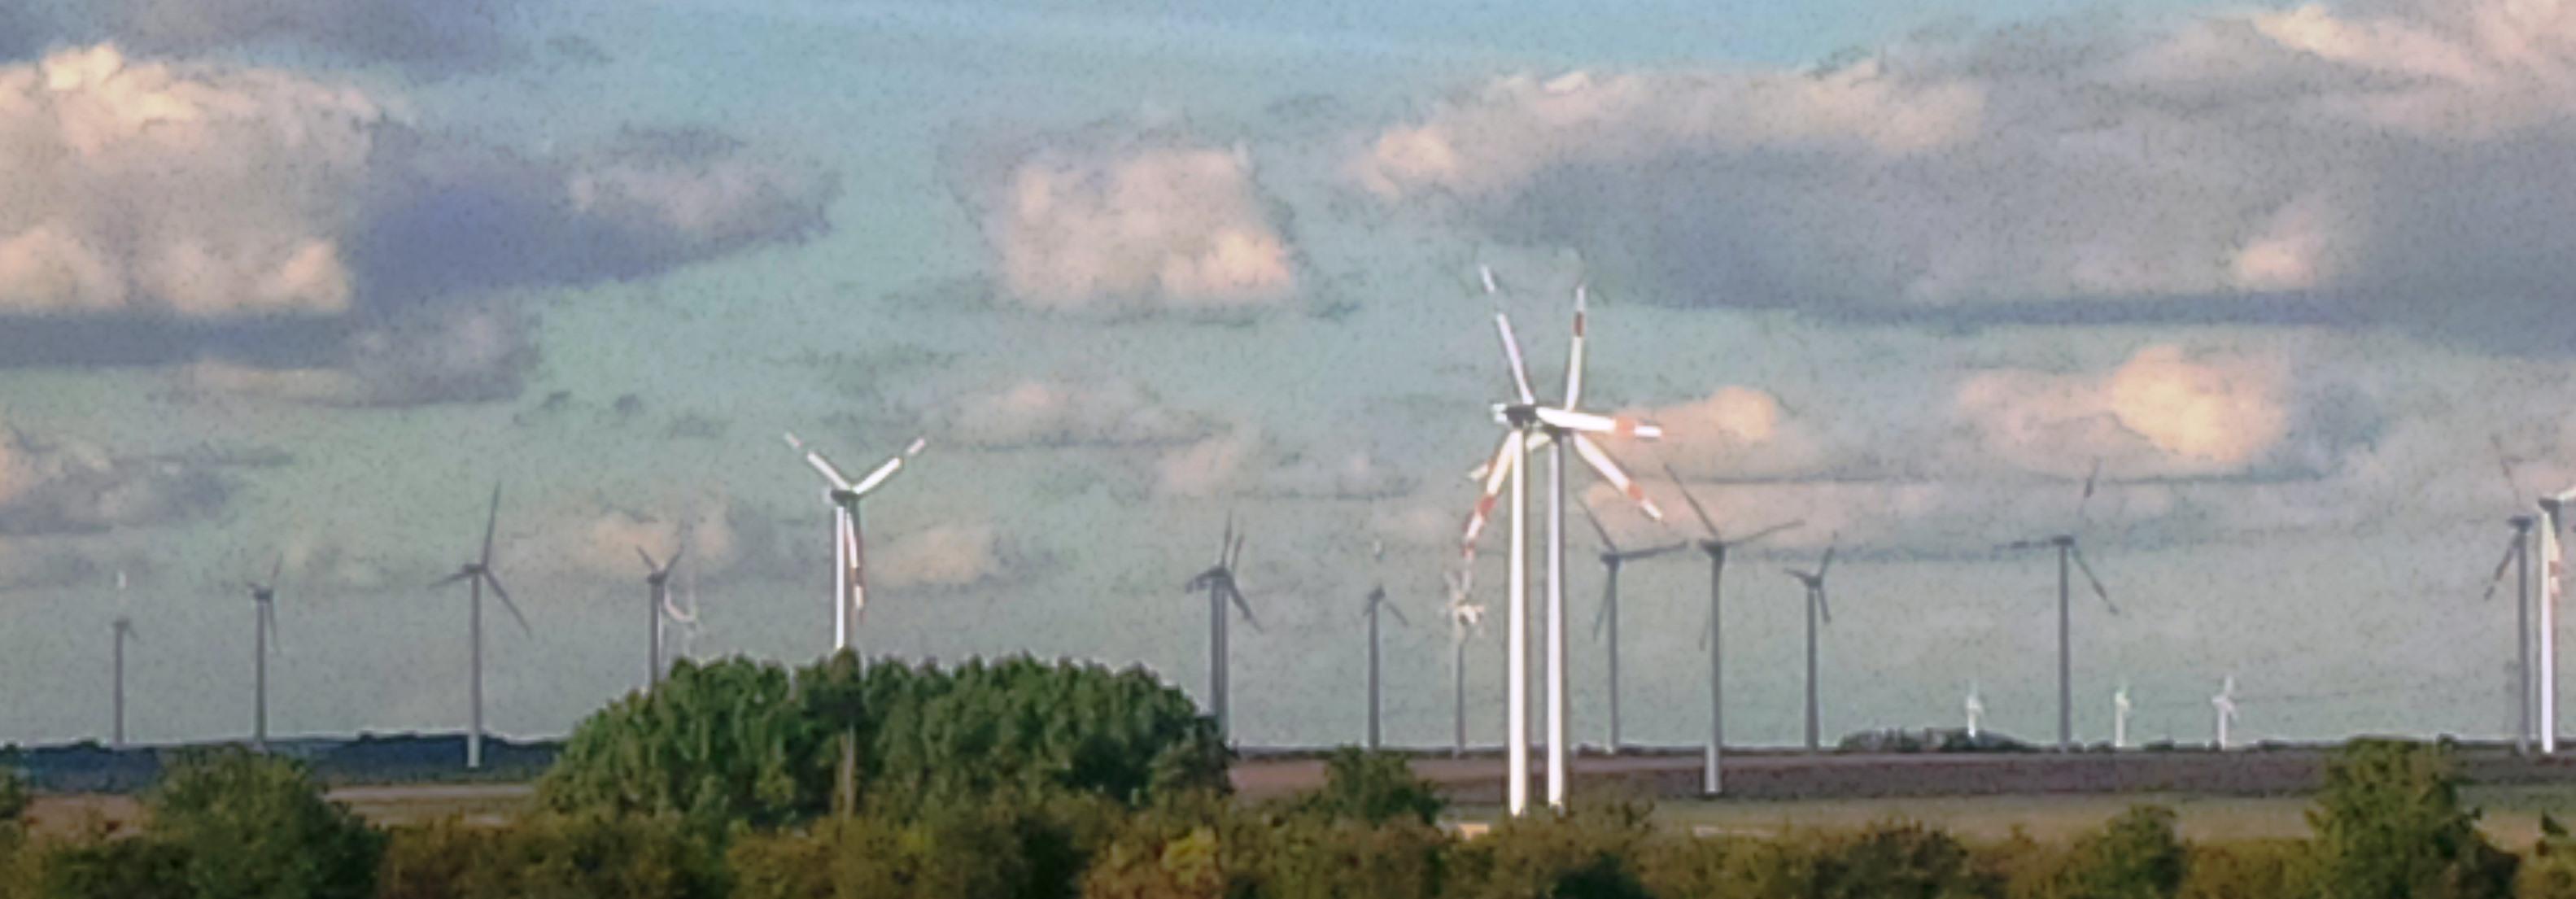 Windpark in Brandenburg - Foto © Solarify